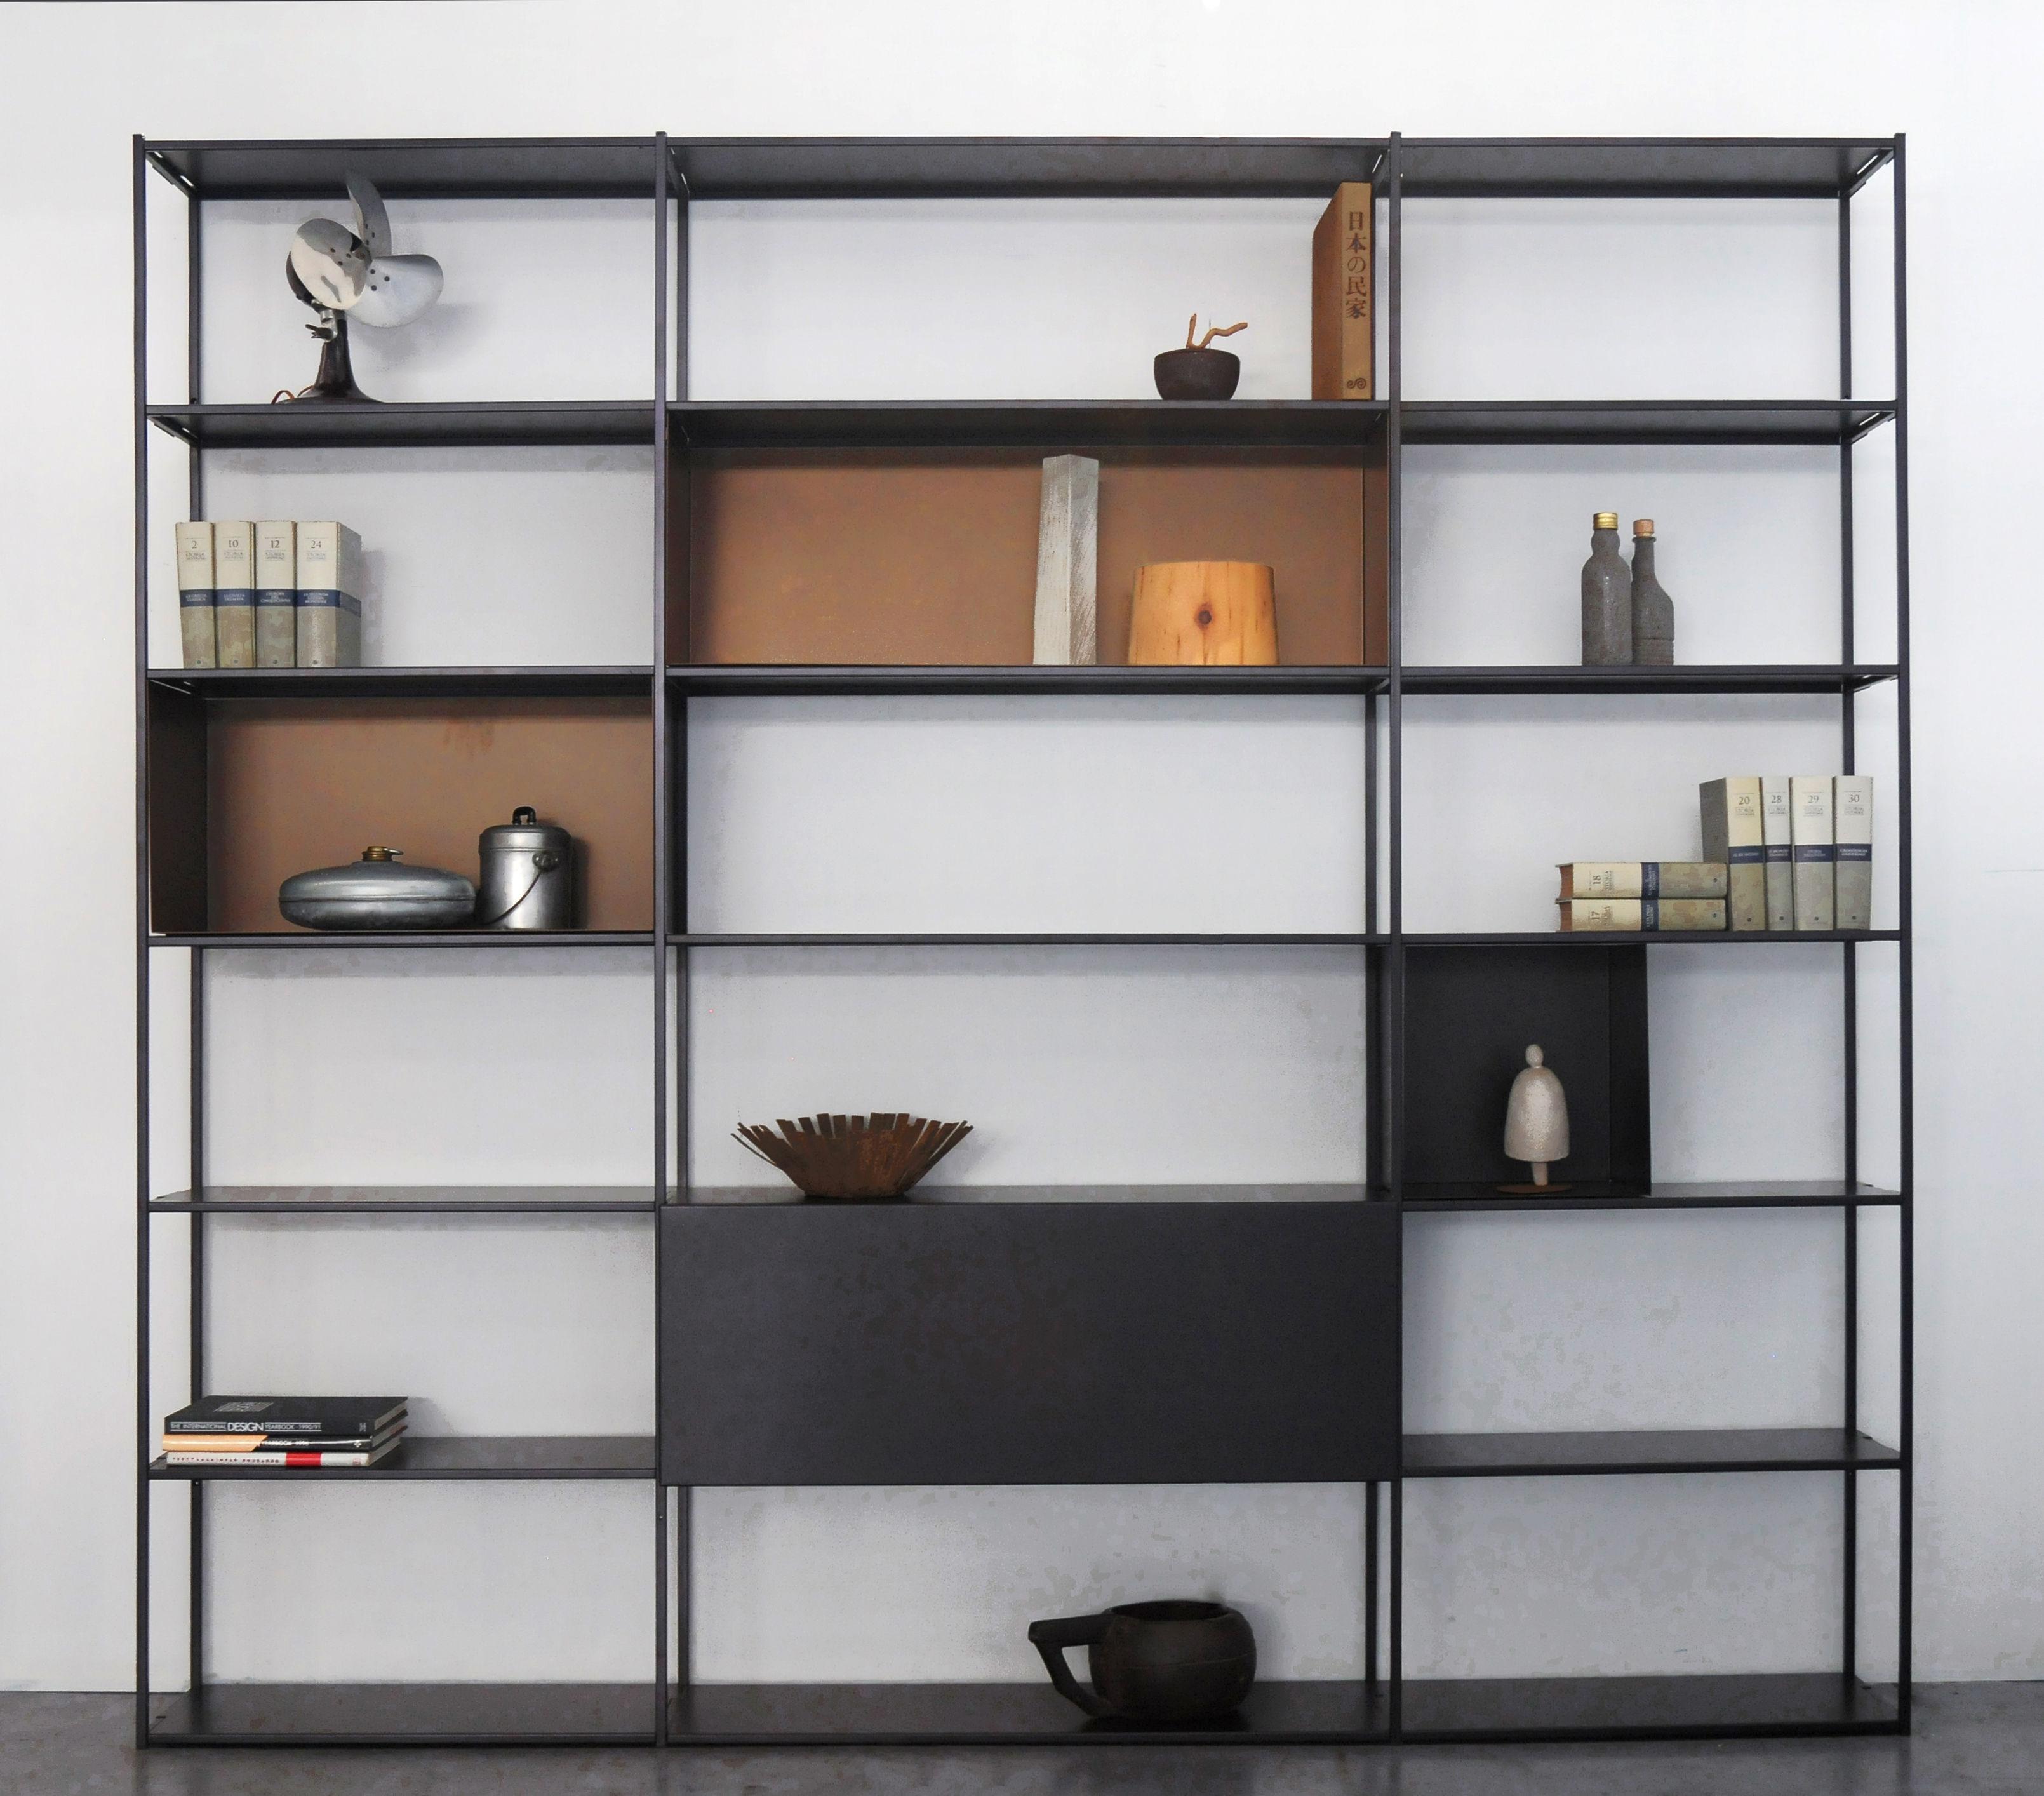 Arredamento - Scaffali e librerie - Libreria Easy Irony - / Con contenitori - L 250 x H 226 cm di Zeus - Nero ramato / Bronzo - Acciaio verniciato epossidico